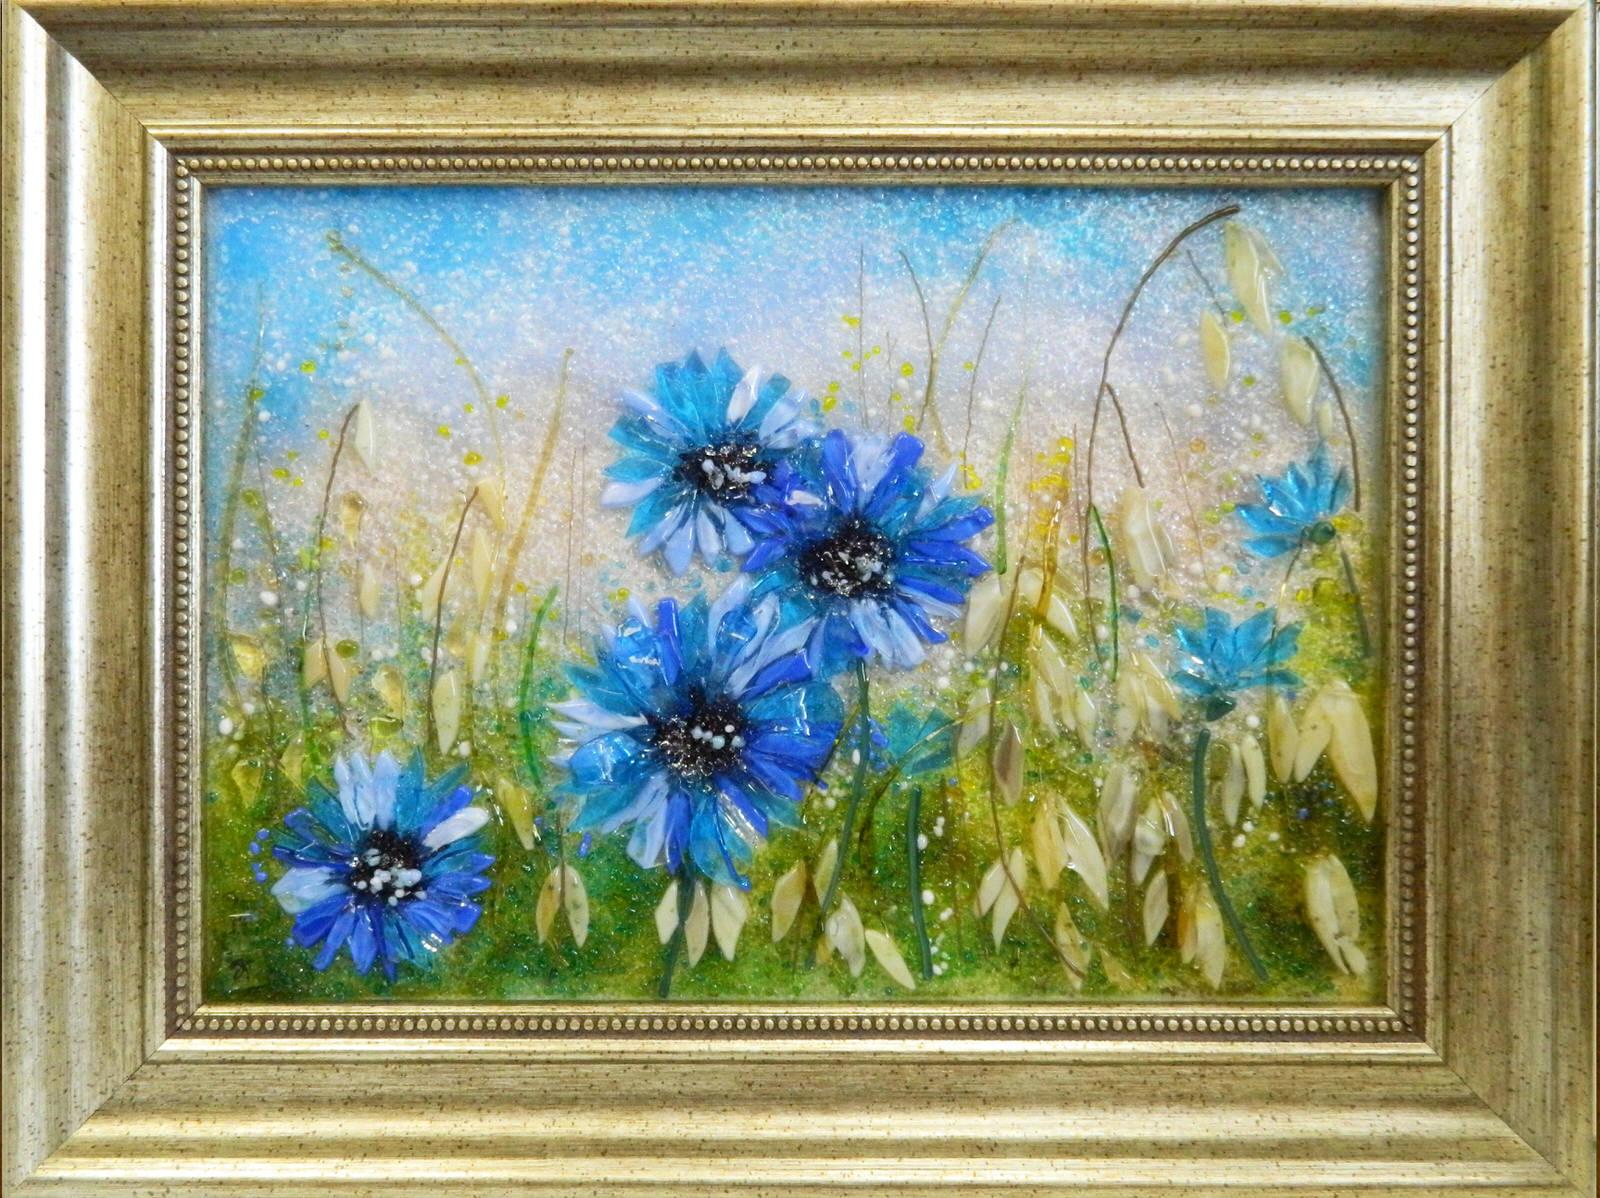 Картина из стекла васильки на хлебном поле